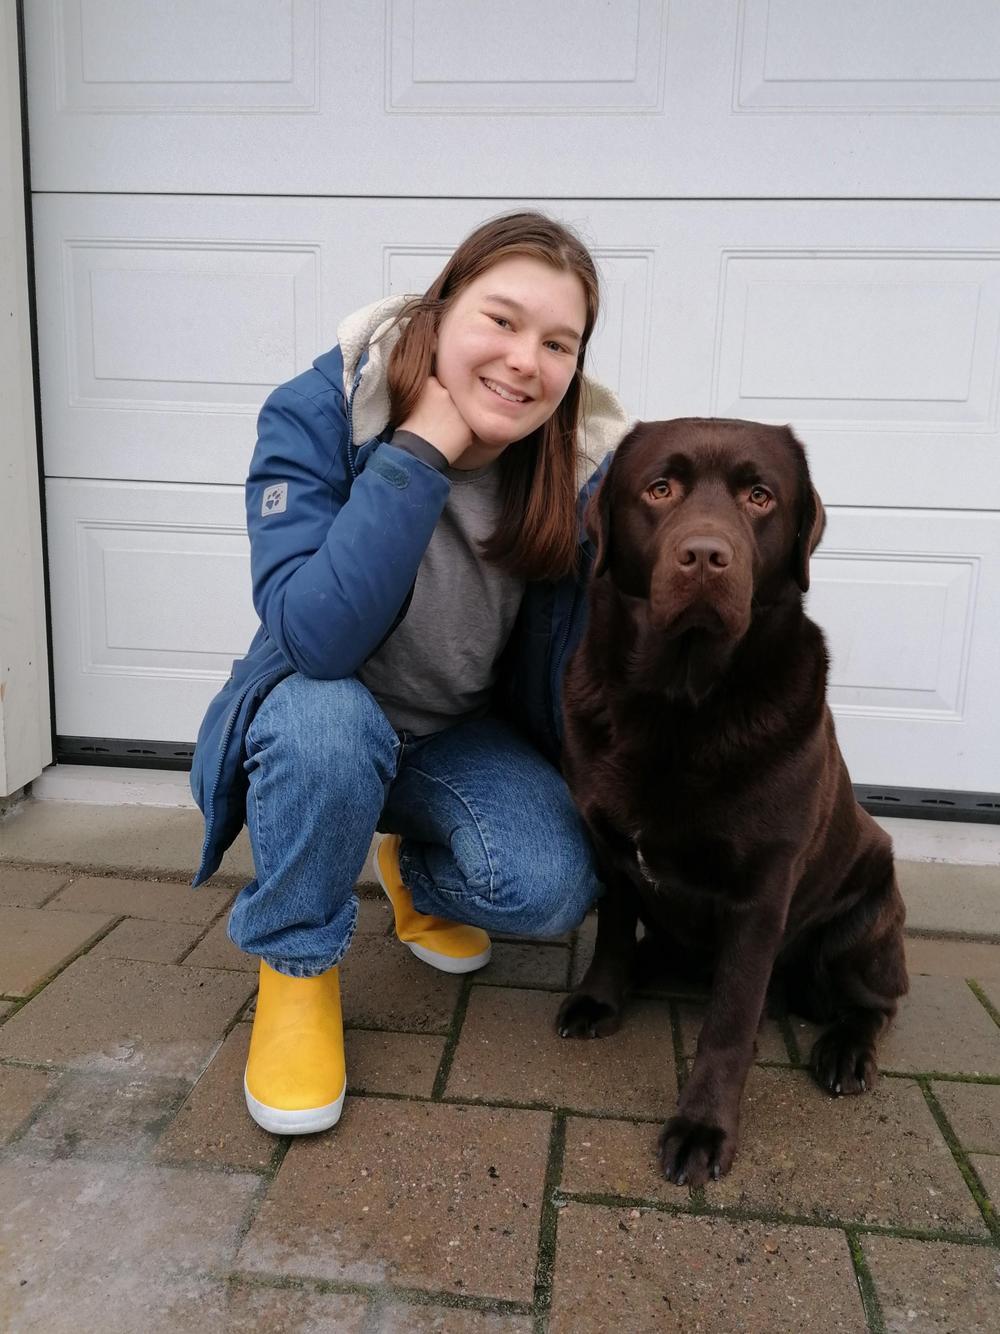 Kuvassa on kyykyssä tummatukkainen tyttö ja tummanruskea koira.